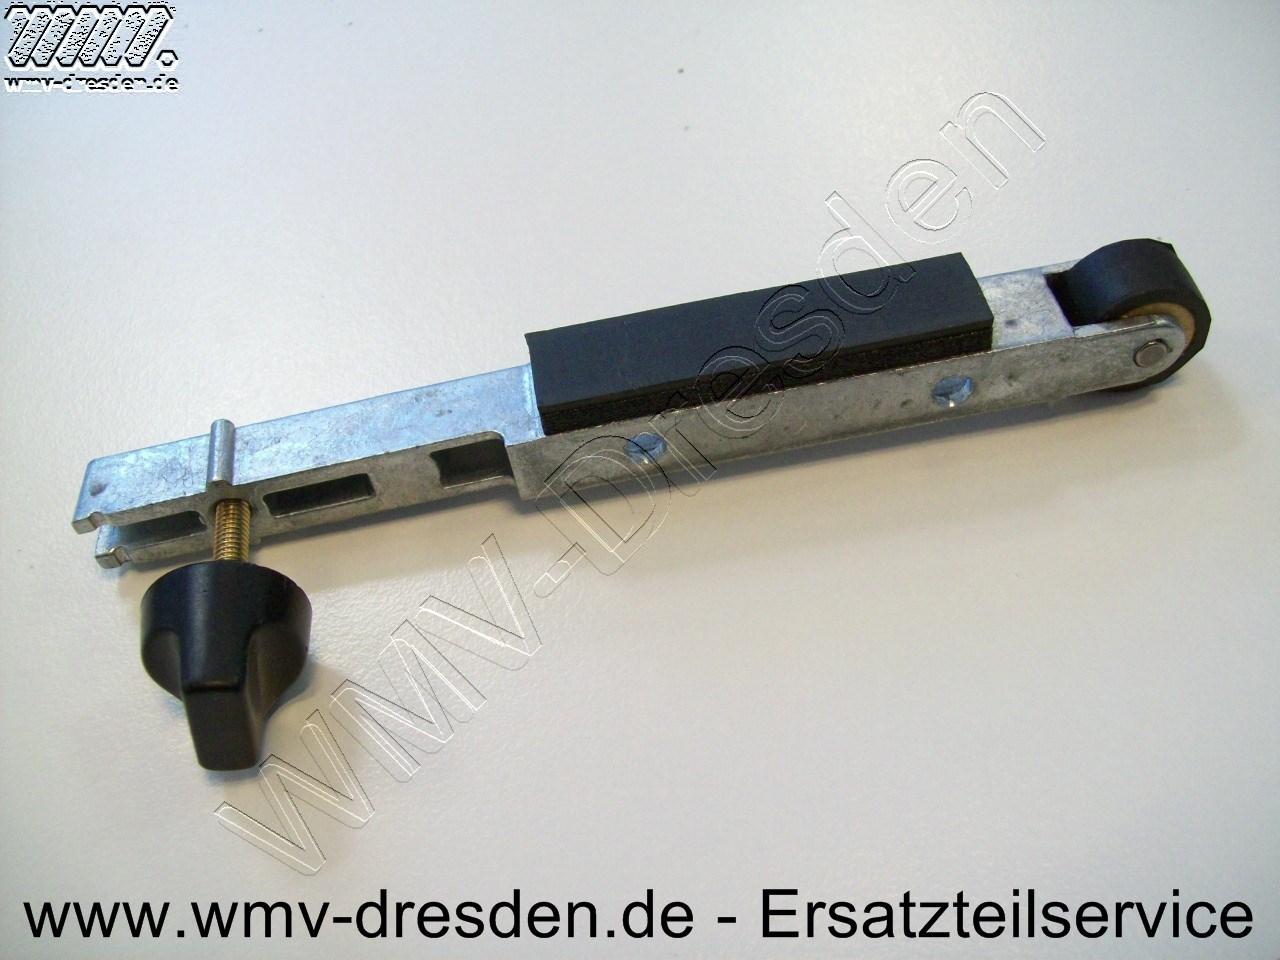 ARM FUER ELEKTROFEILE L 13 CM >>> MIT FESTSTELLSCHRAUBE UND GUMMIPLATTE 000821045 <<<